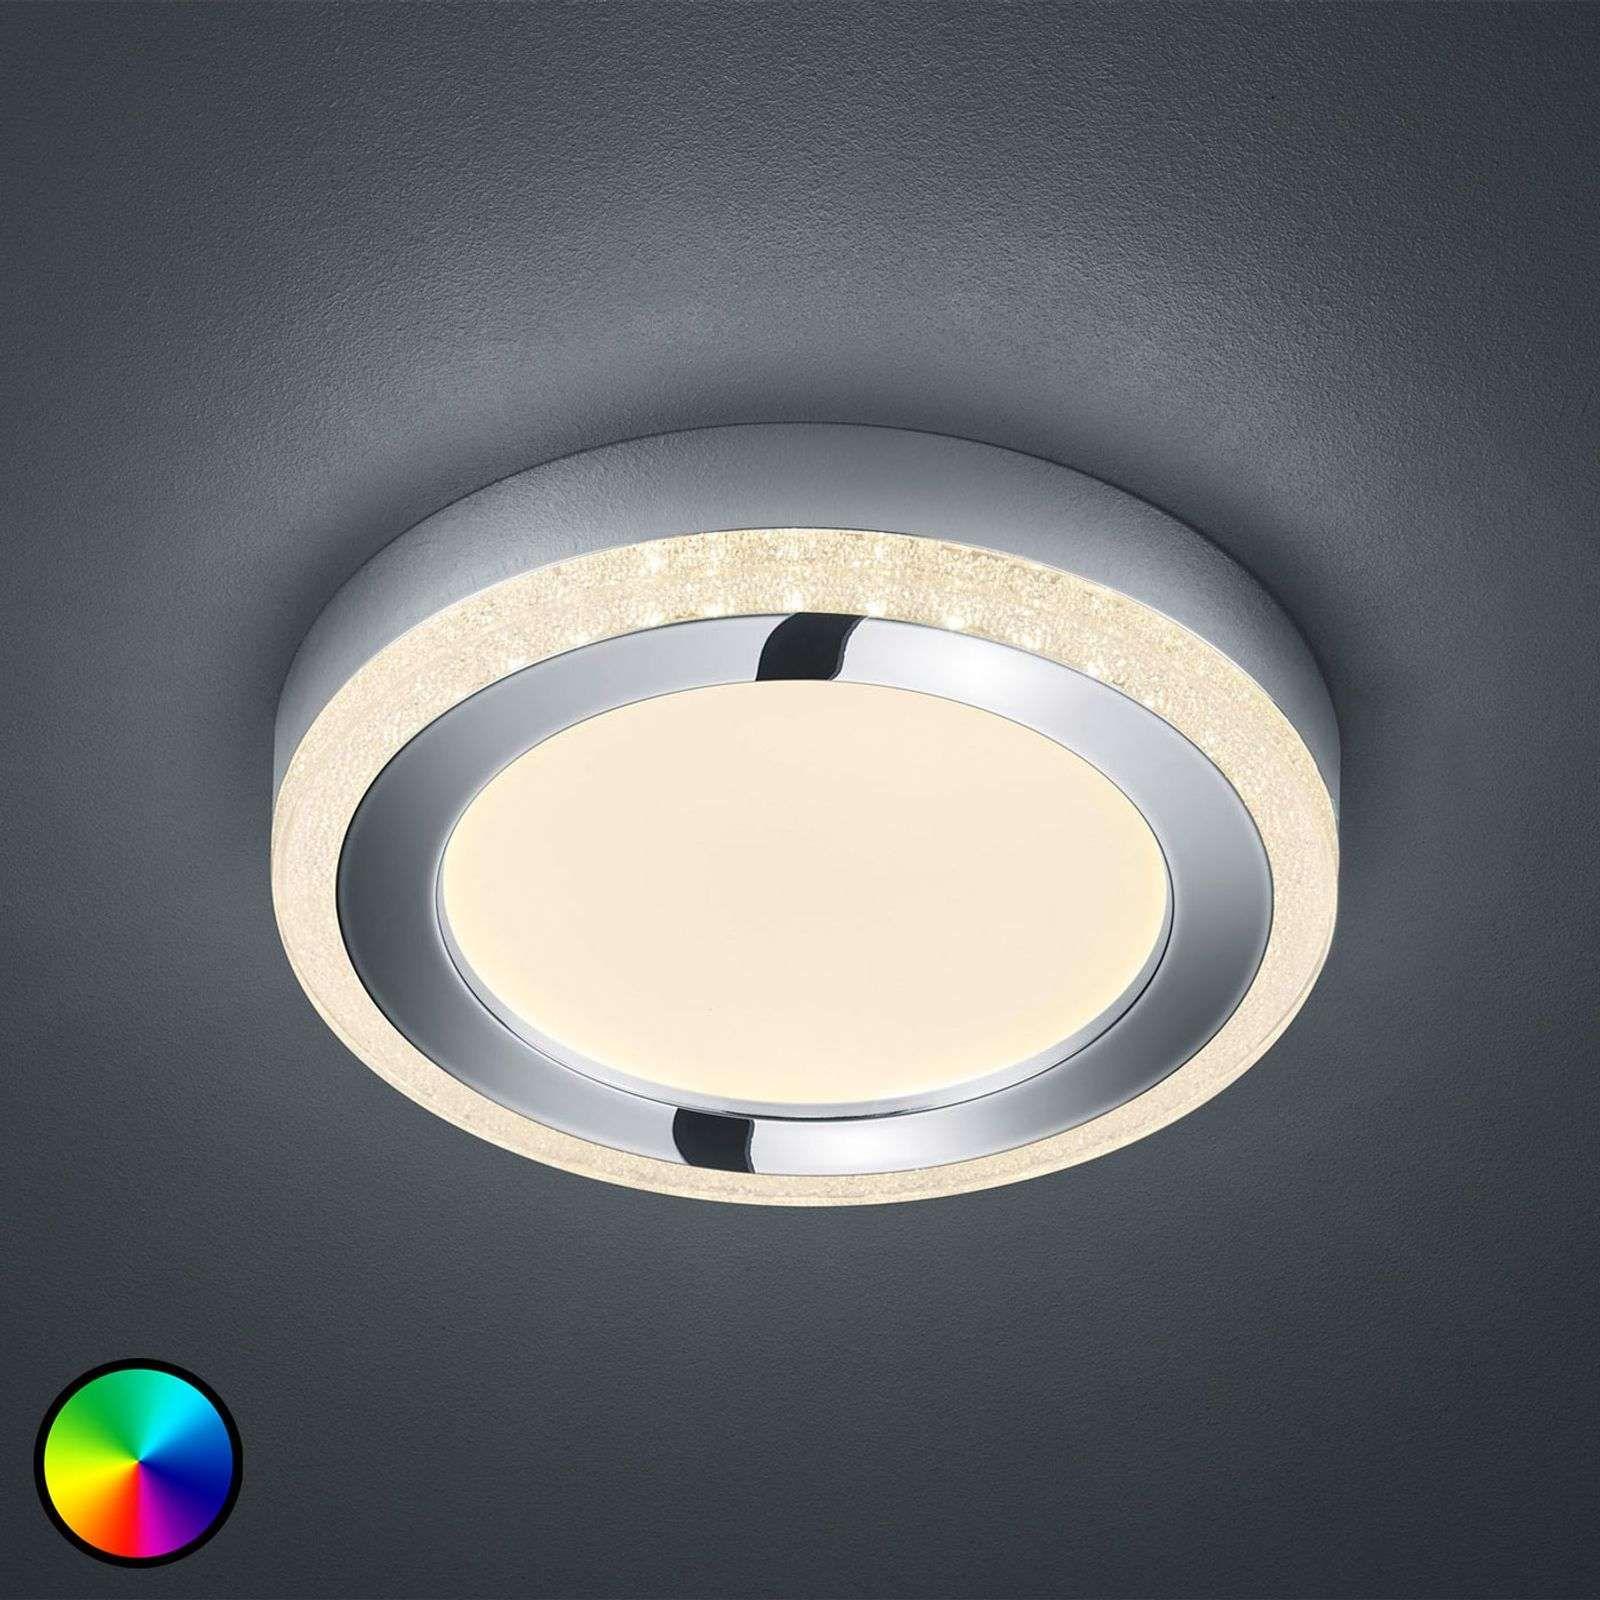 Led Deckenlampe Mit Bewegungsmelder